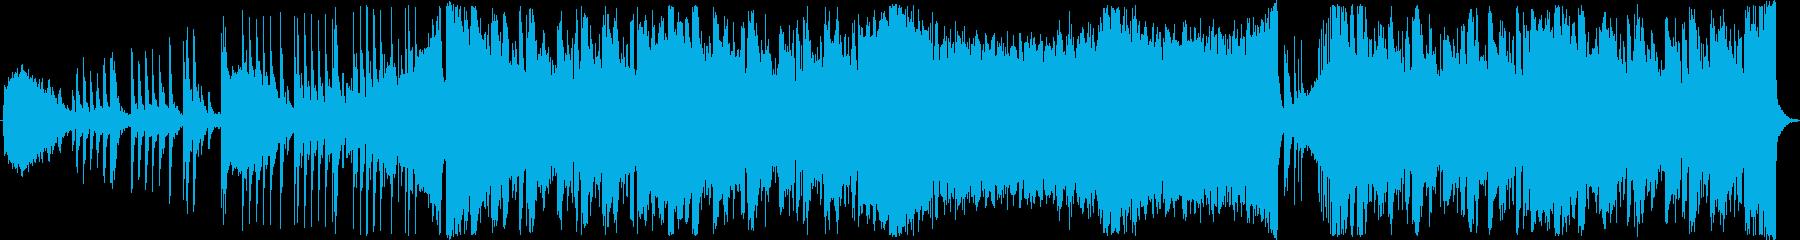 夏kawaiiチップチューン夏の再生済みの波形